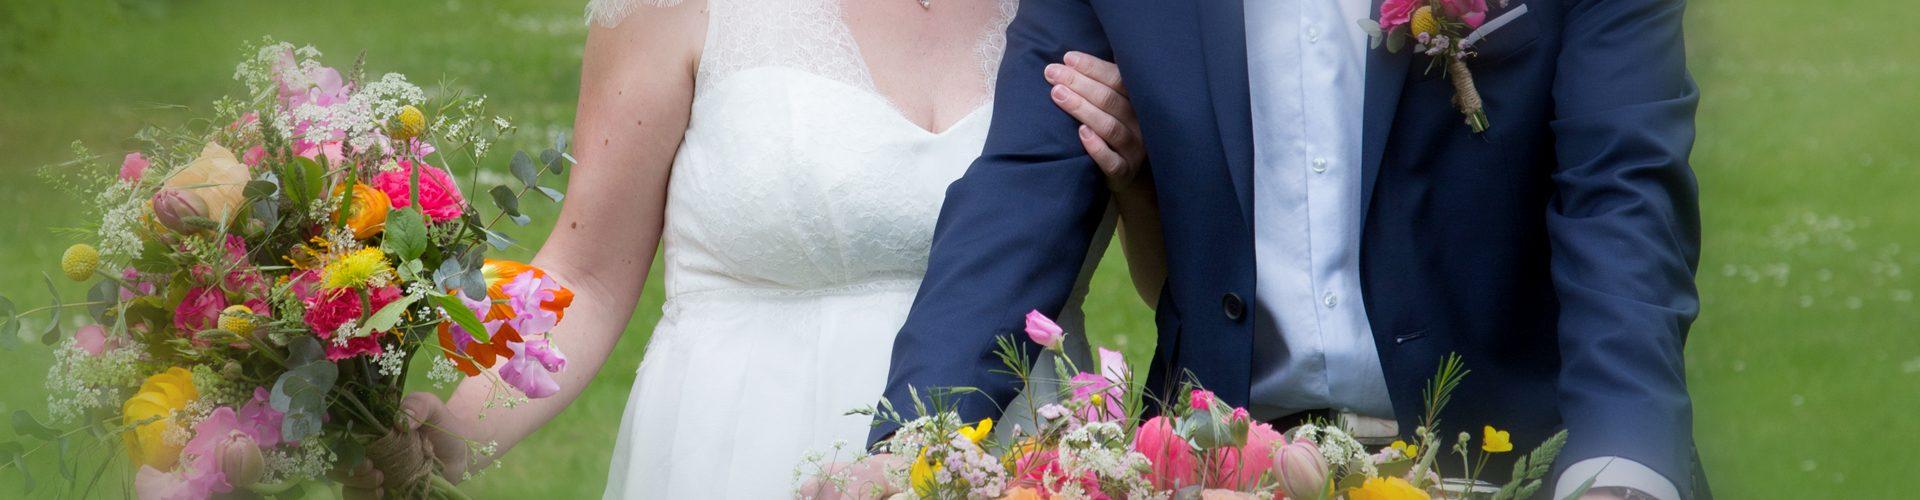 mariage 2018 Photographe tarifs photos